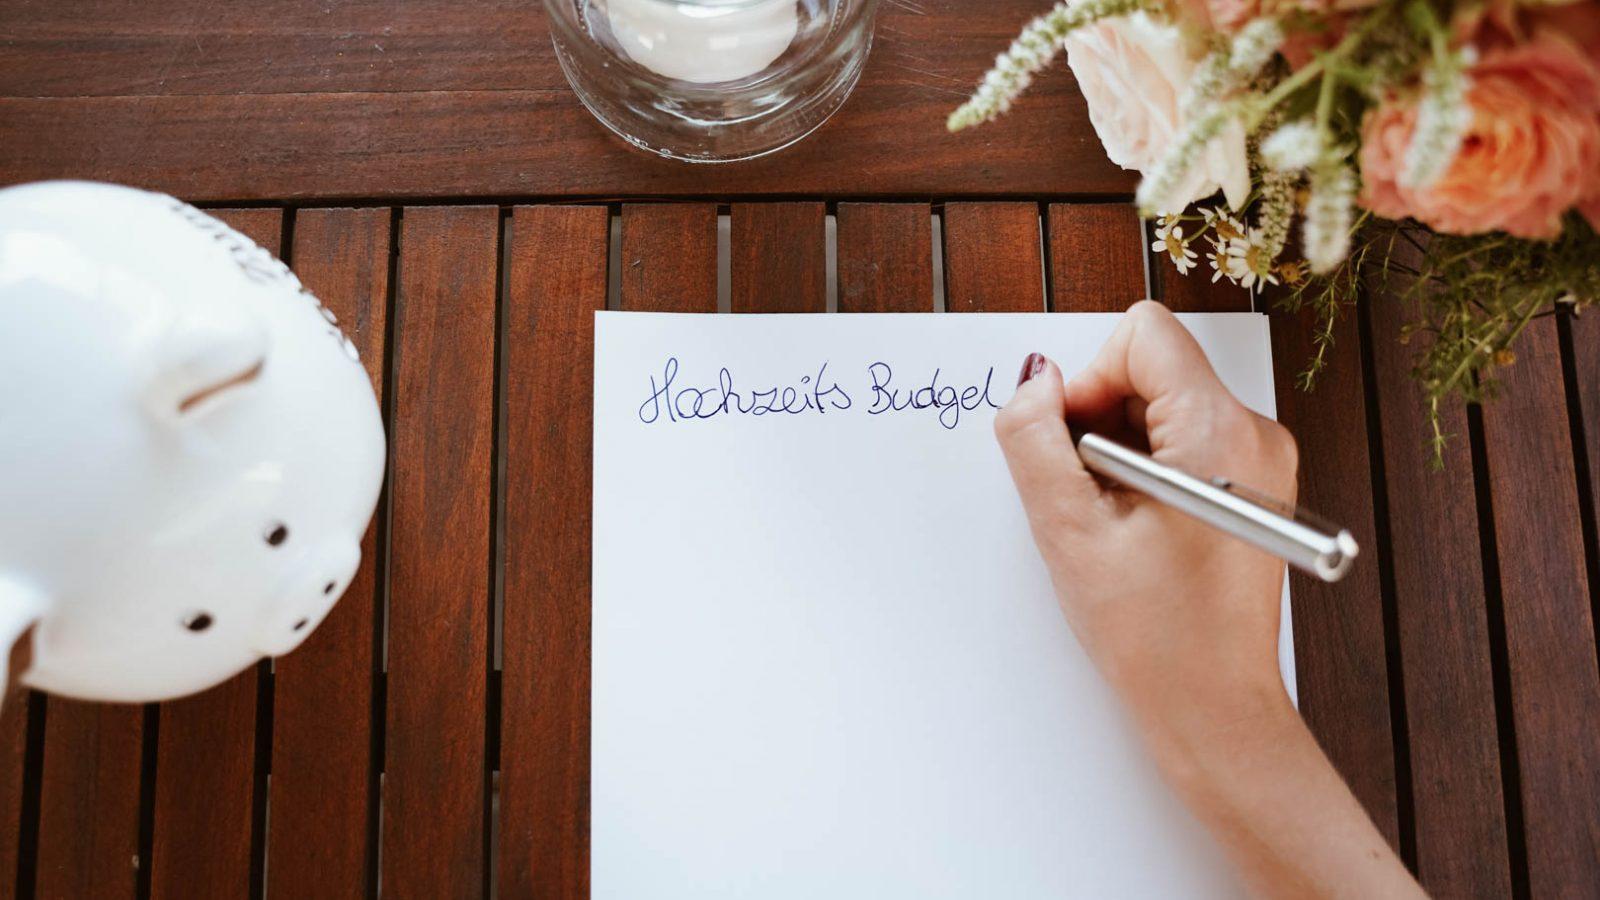 Hochzeitsbudget planen